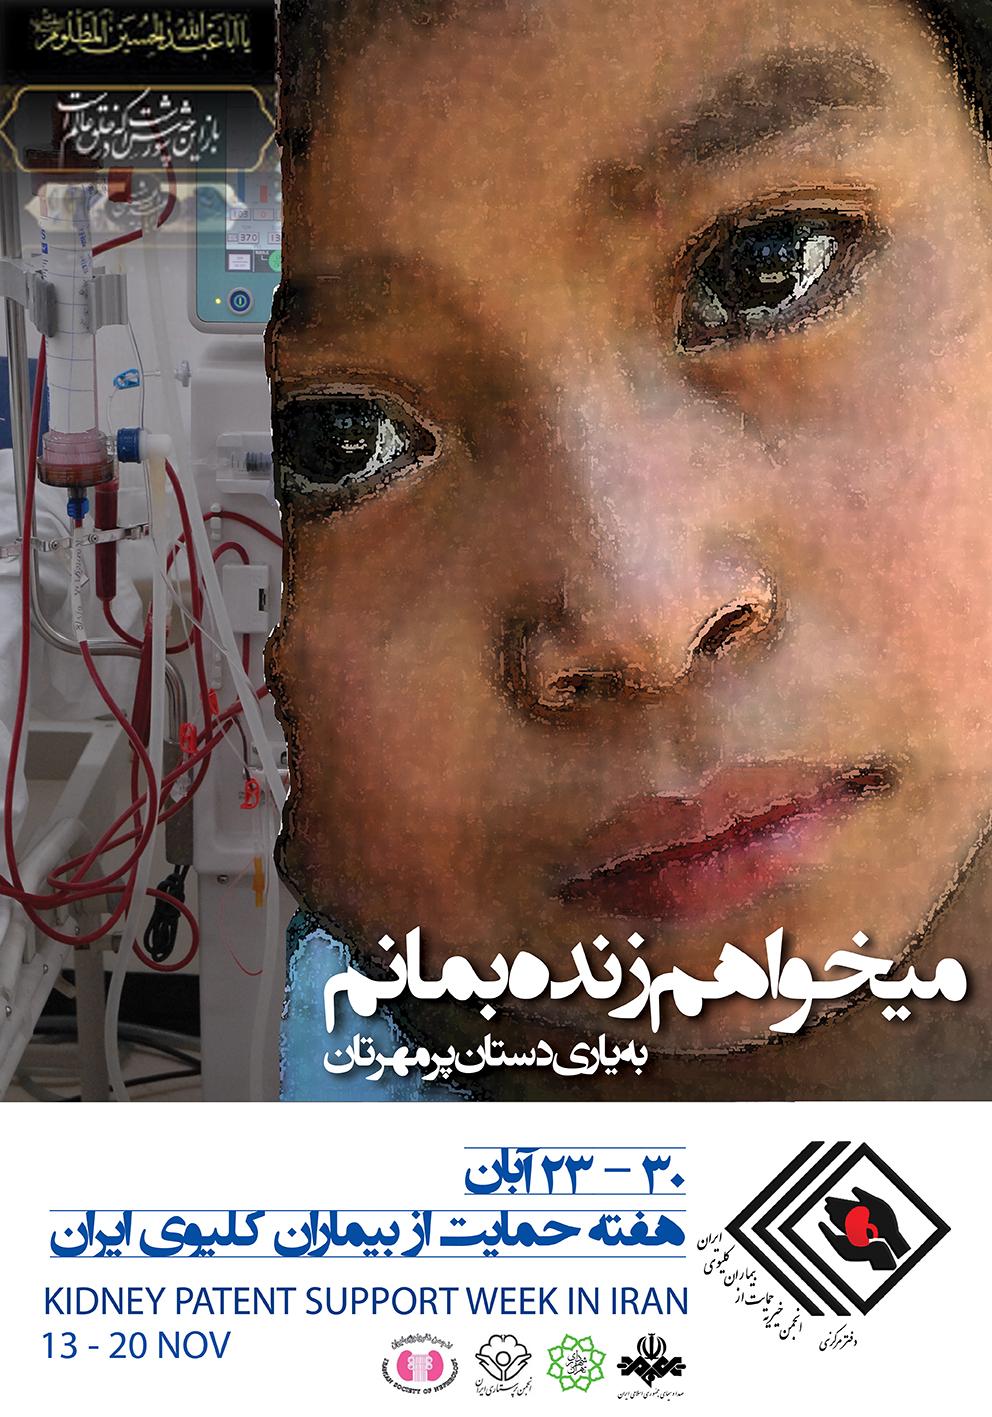 پوستر هفته حمایت از بیماران کلیوی 2